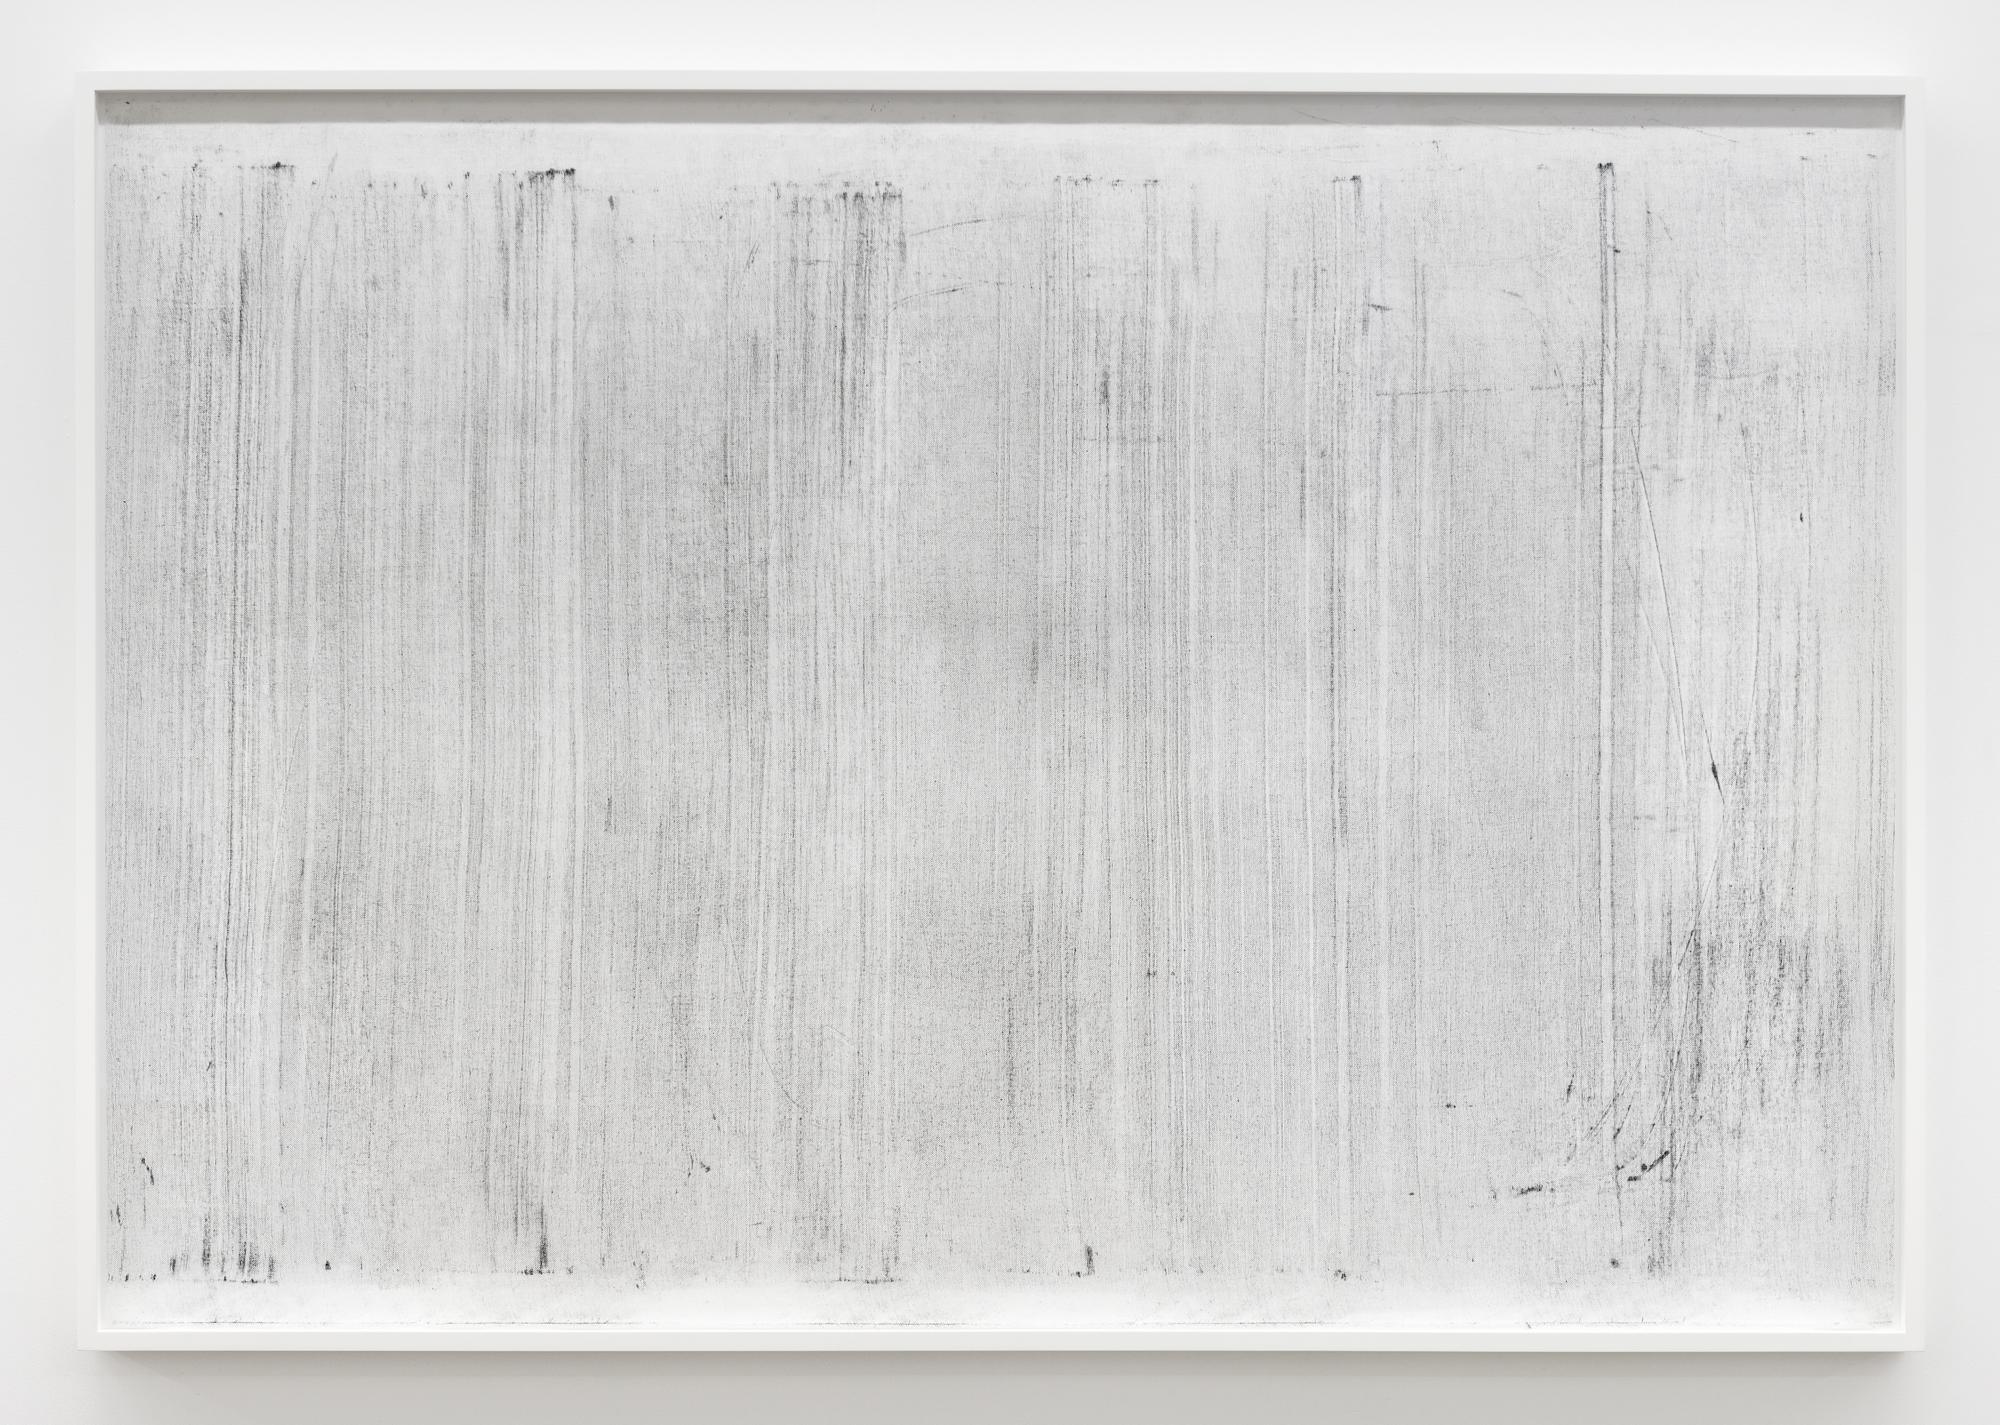 """Jim Verburg,  Sans titre (where it becomes clear #2),  2018, huile, graphite et fusain sur tarlatan, 102 x 147 cm (41"""" x 59"""")"""